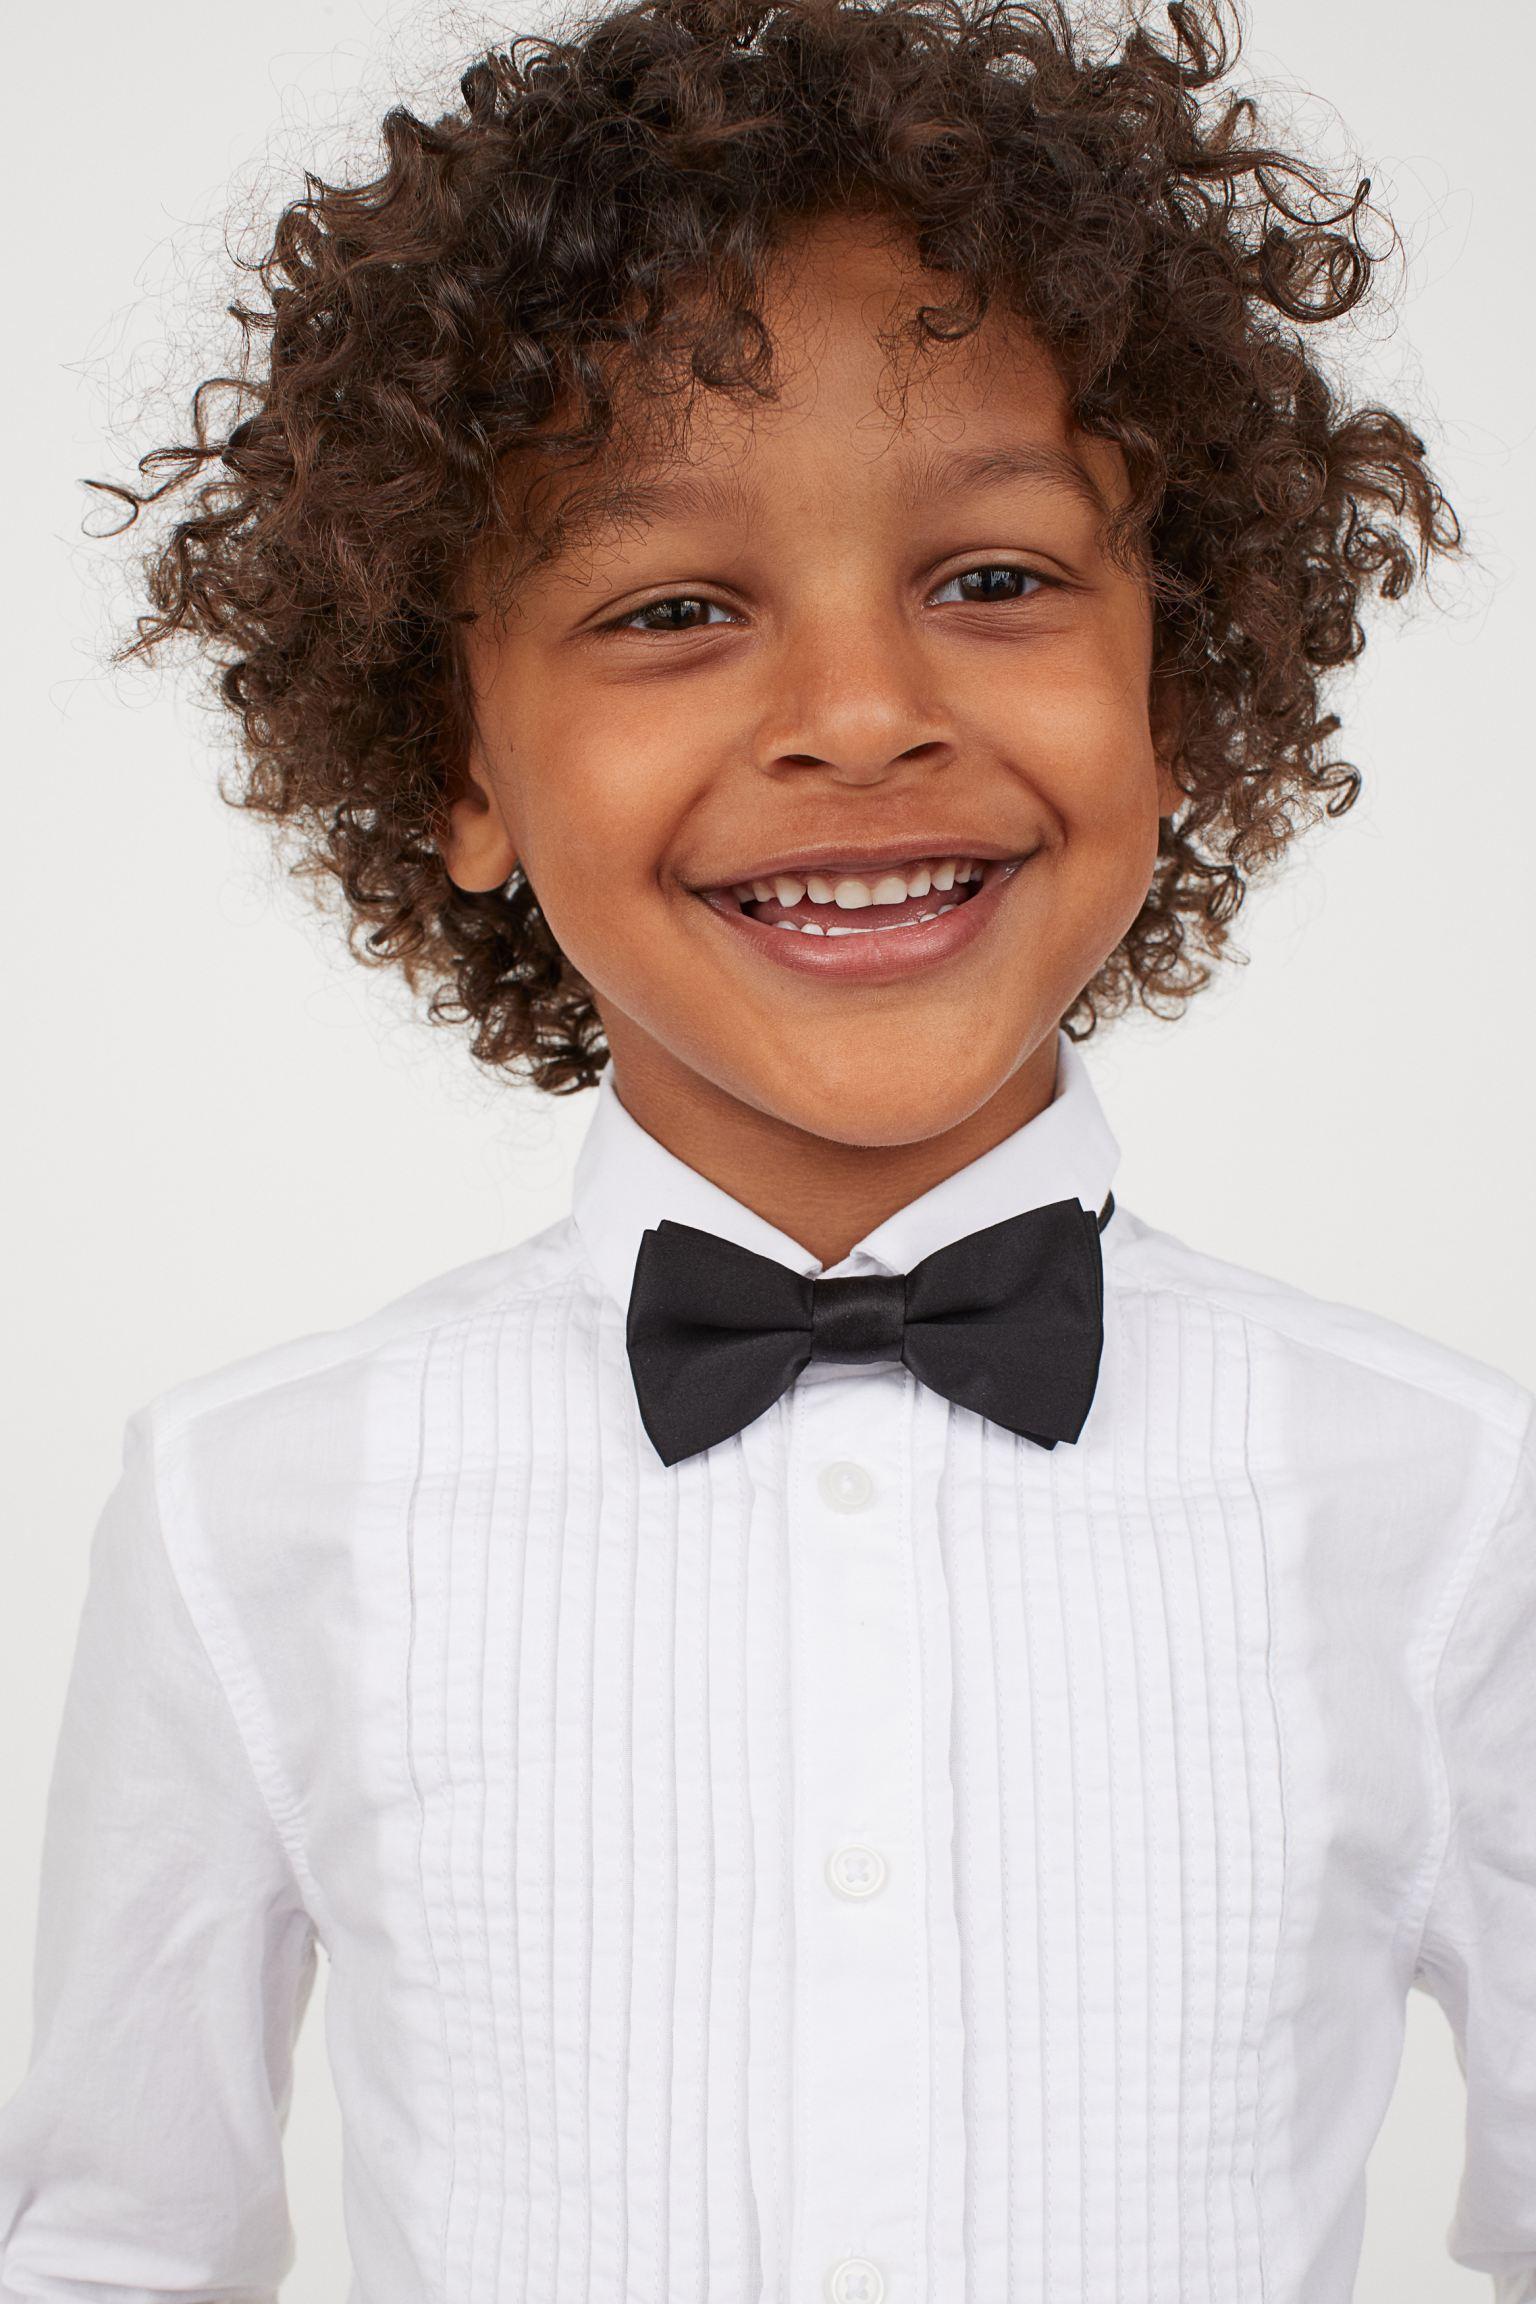 Camisa de esmoquin con pajarita incluida para niño